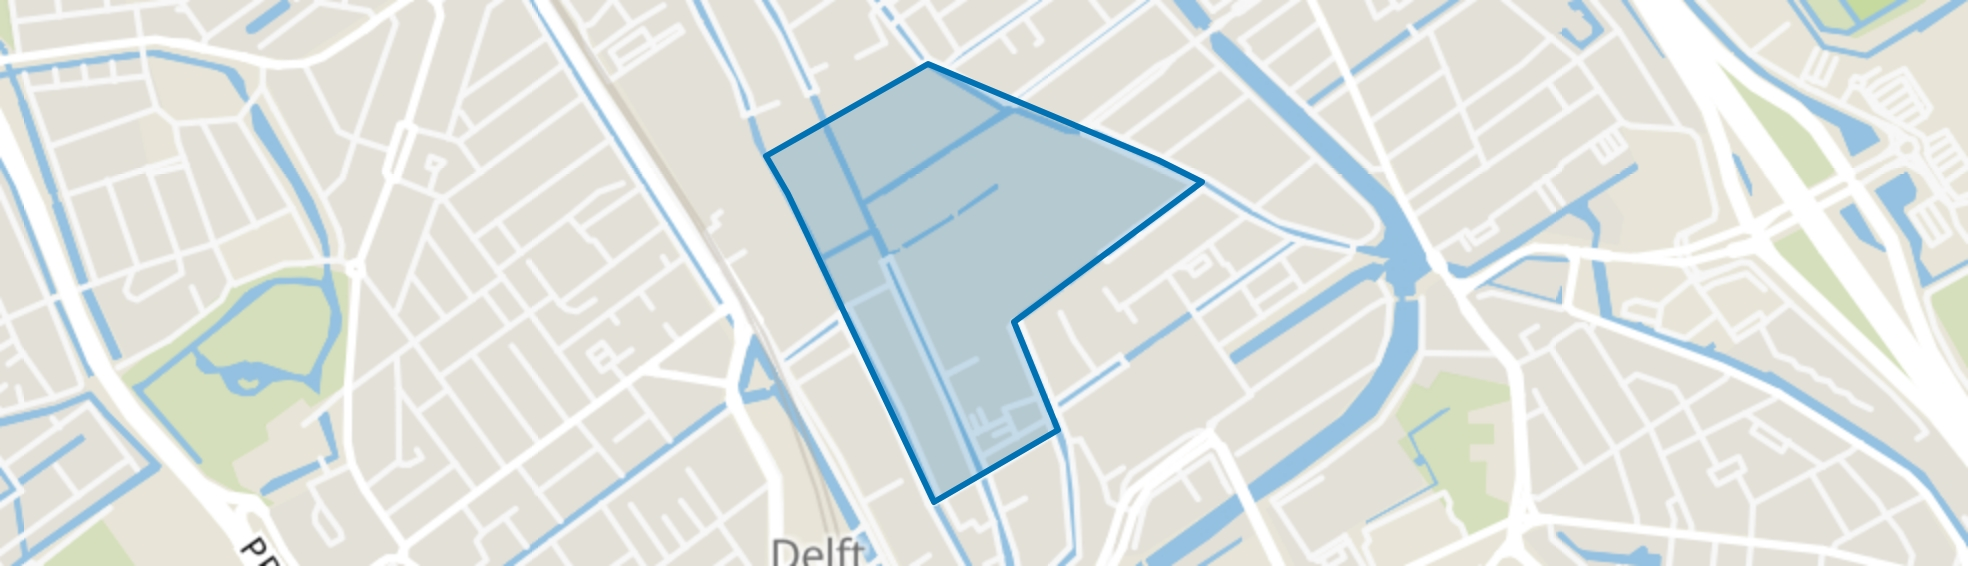 Centrum, Delft map